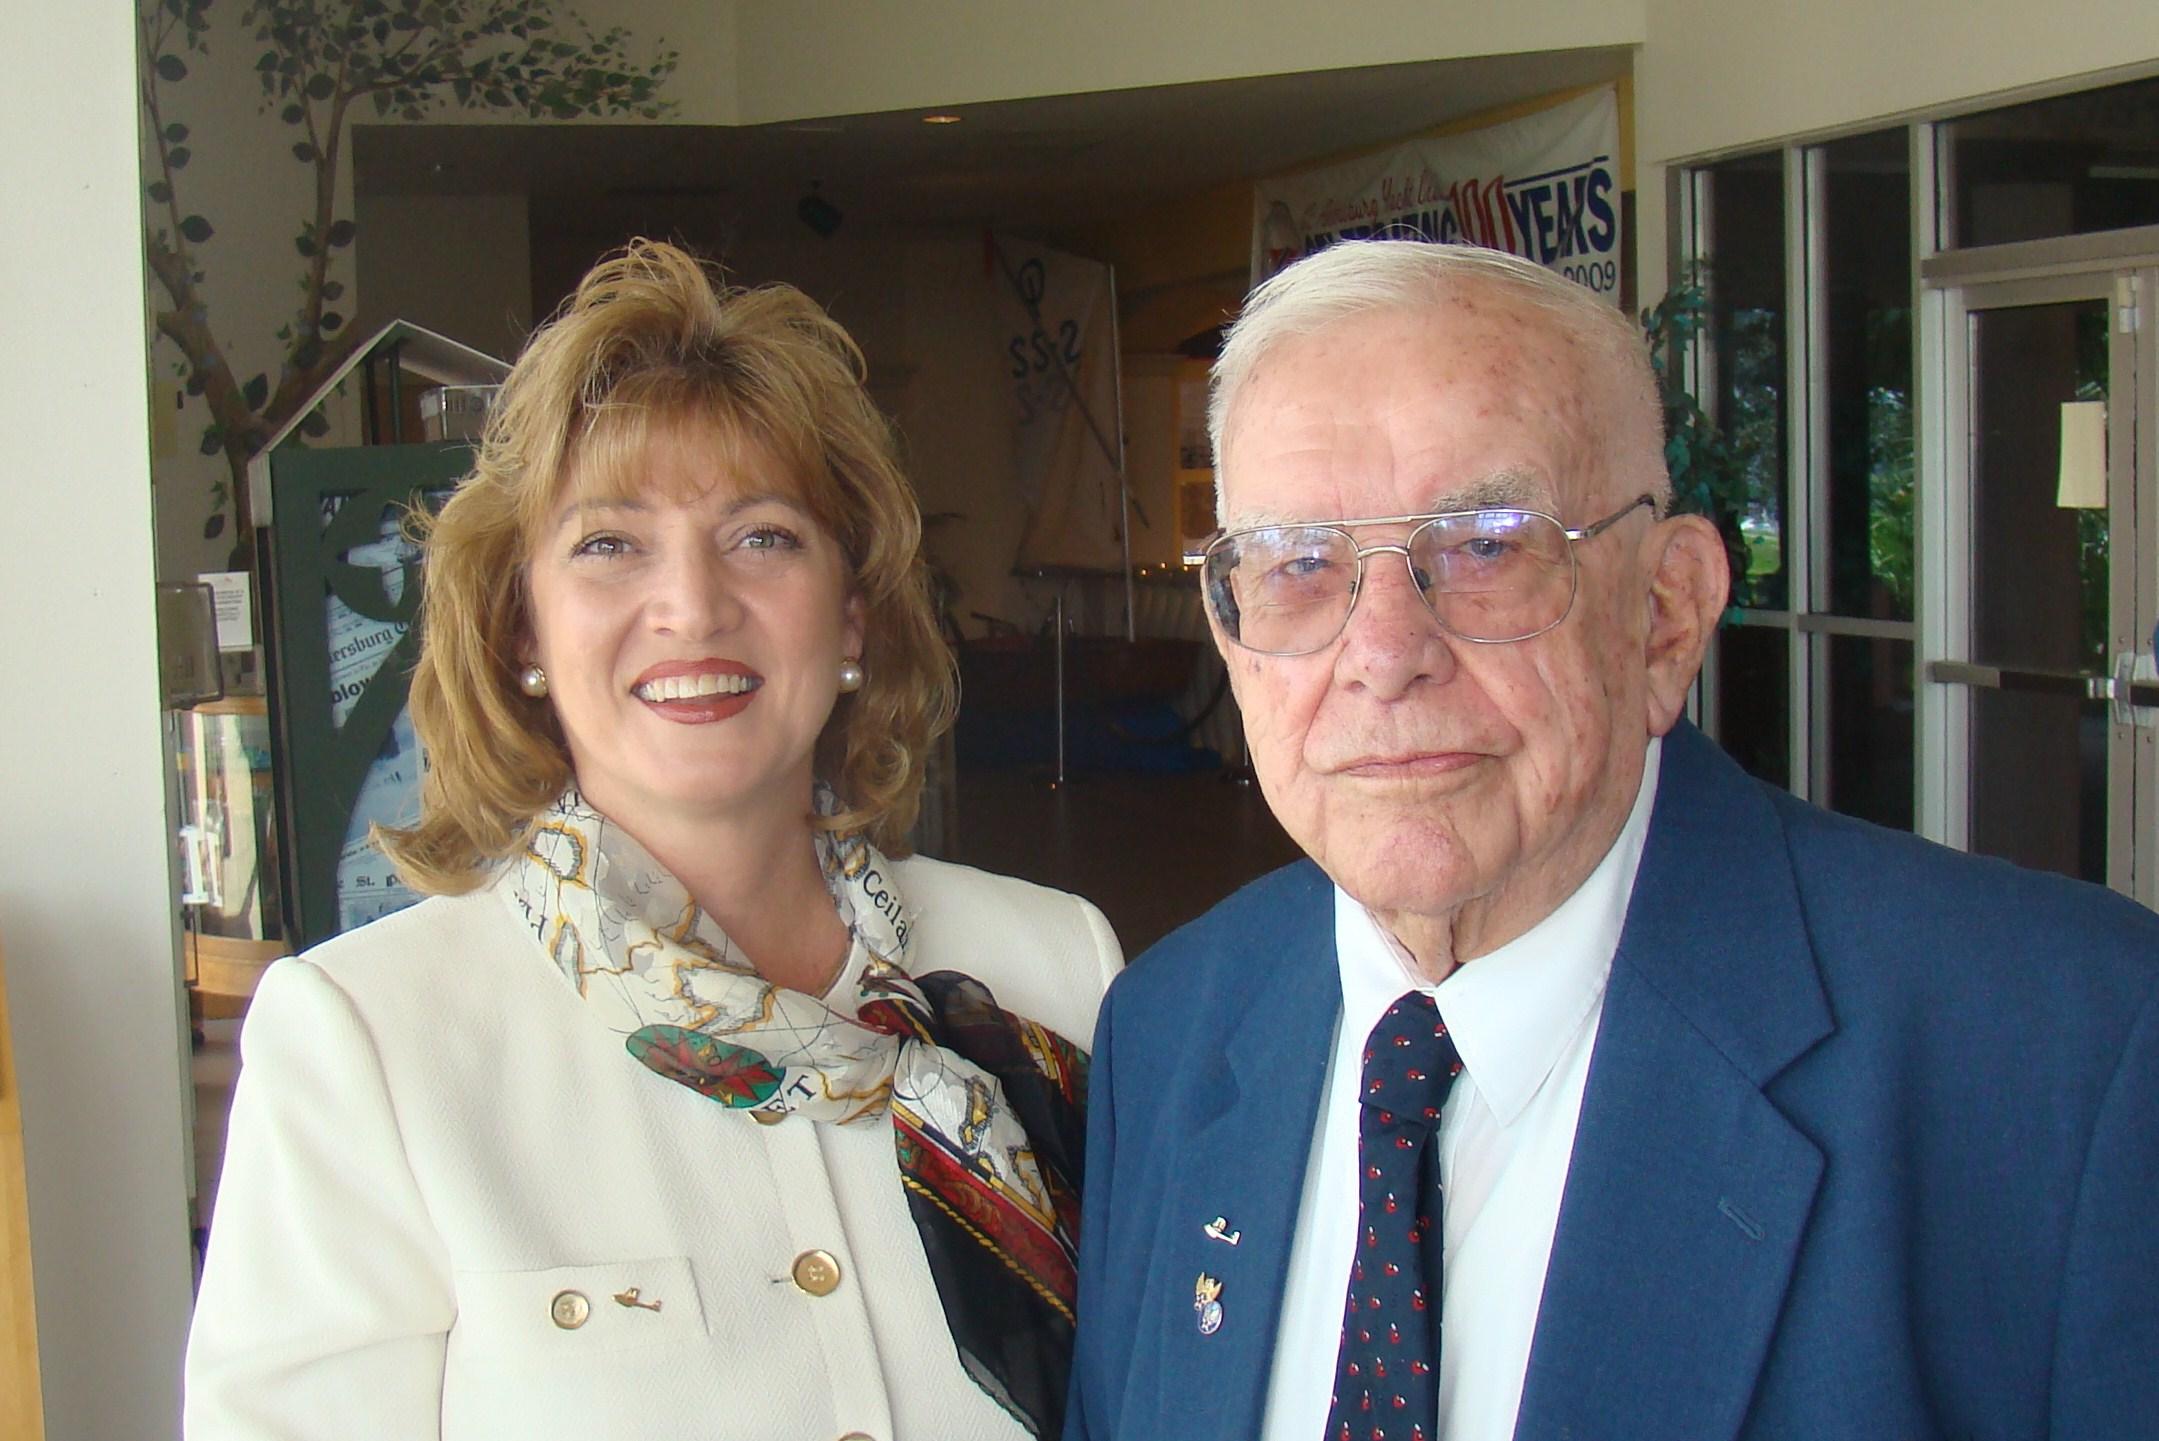 Colleen Picard & Bob Cutler @ Press Conf., 5 Nov '09.JPG